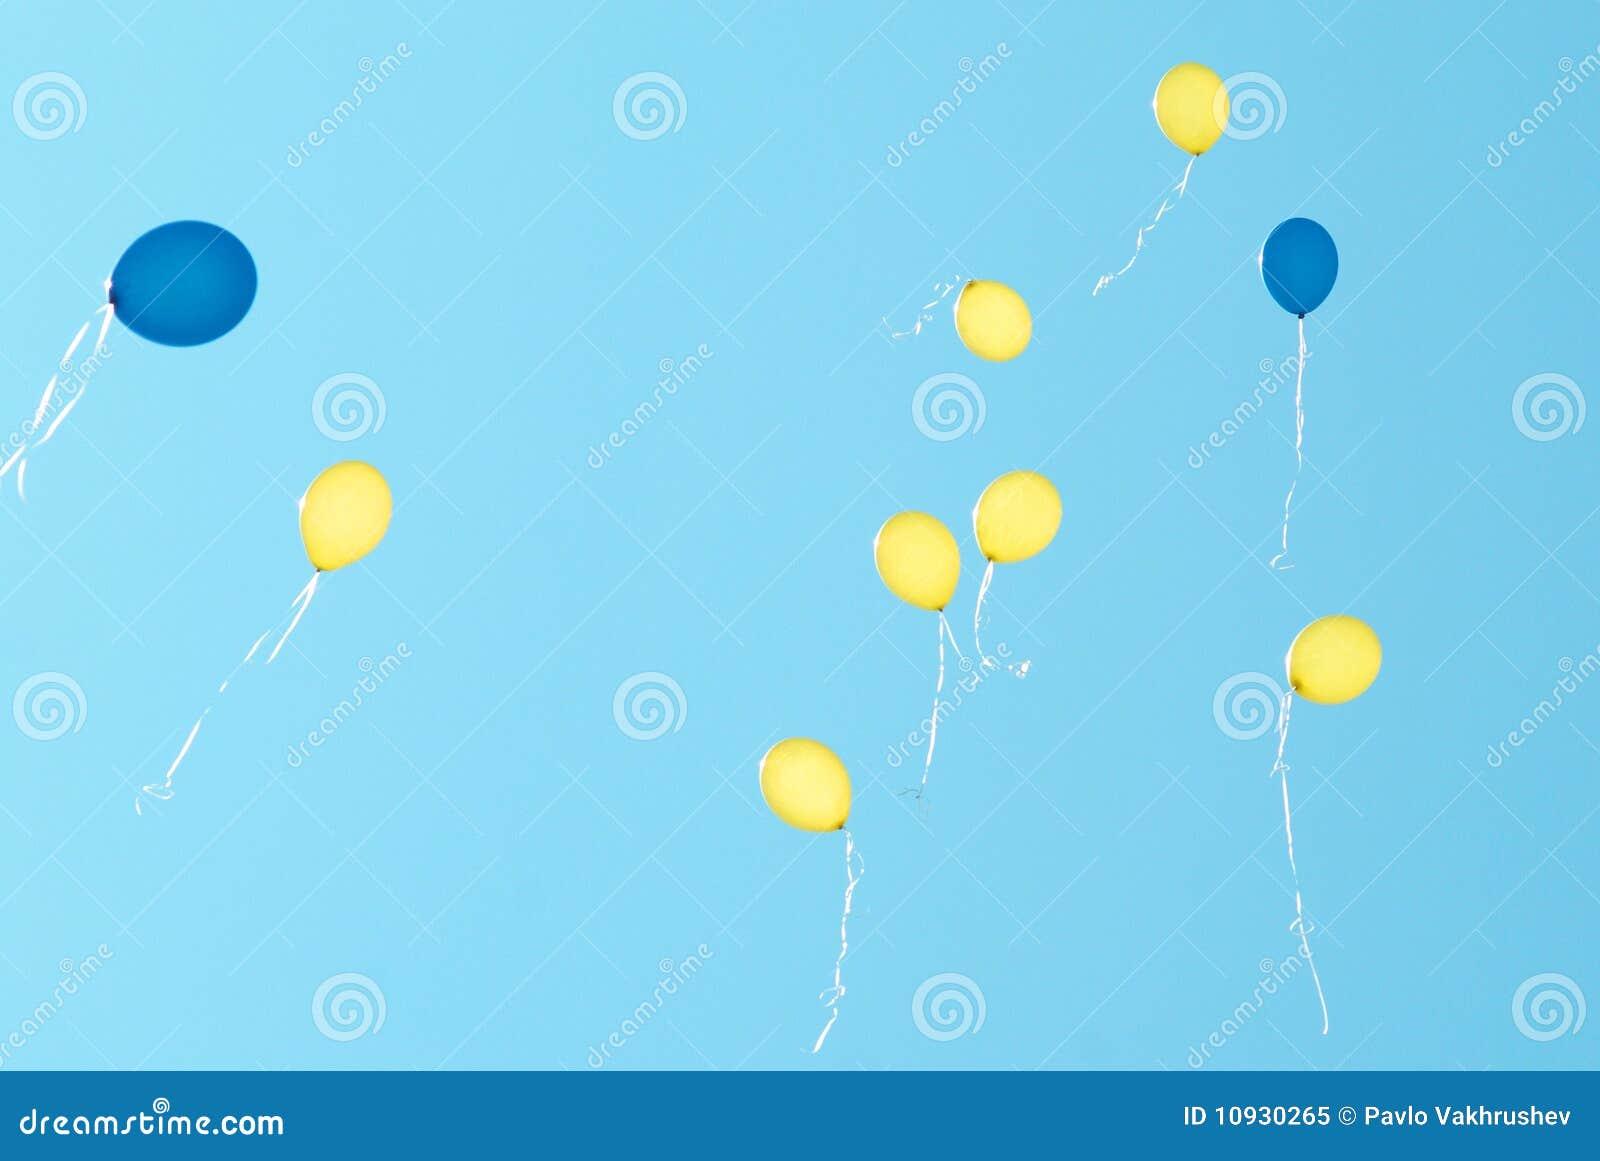 покрашенные воздушные шары